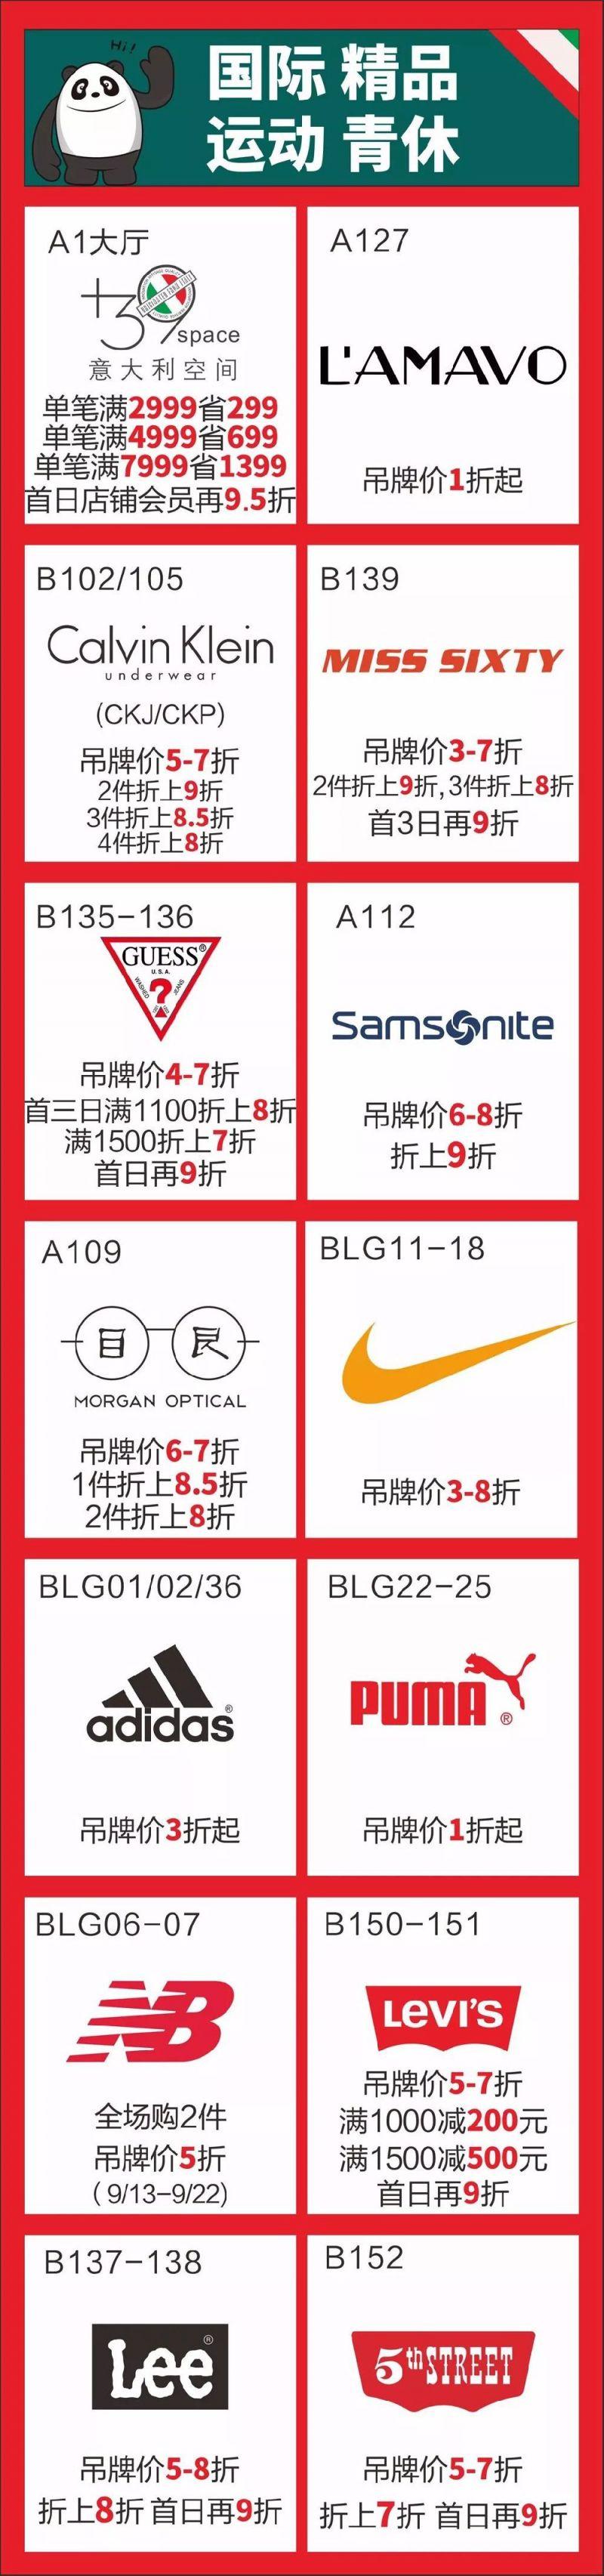 重庆壁山砂之船奥莱周年庆打折信息一览